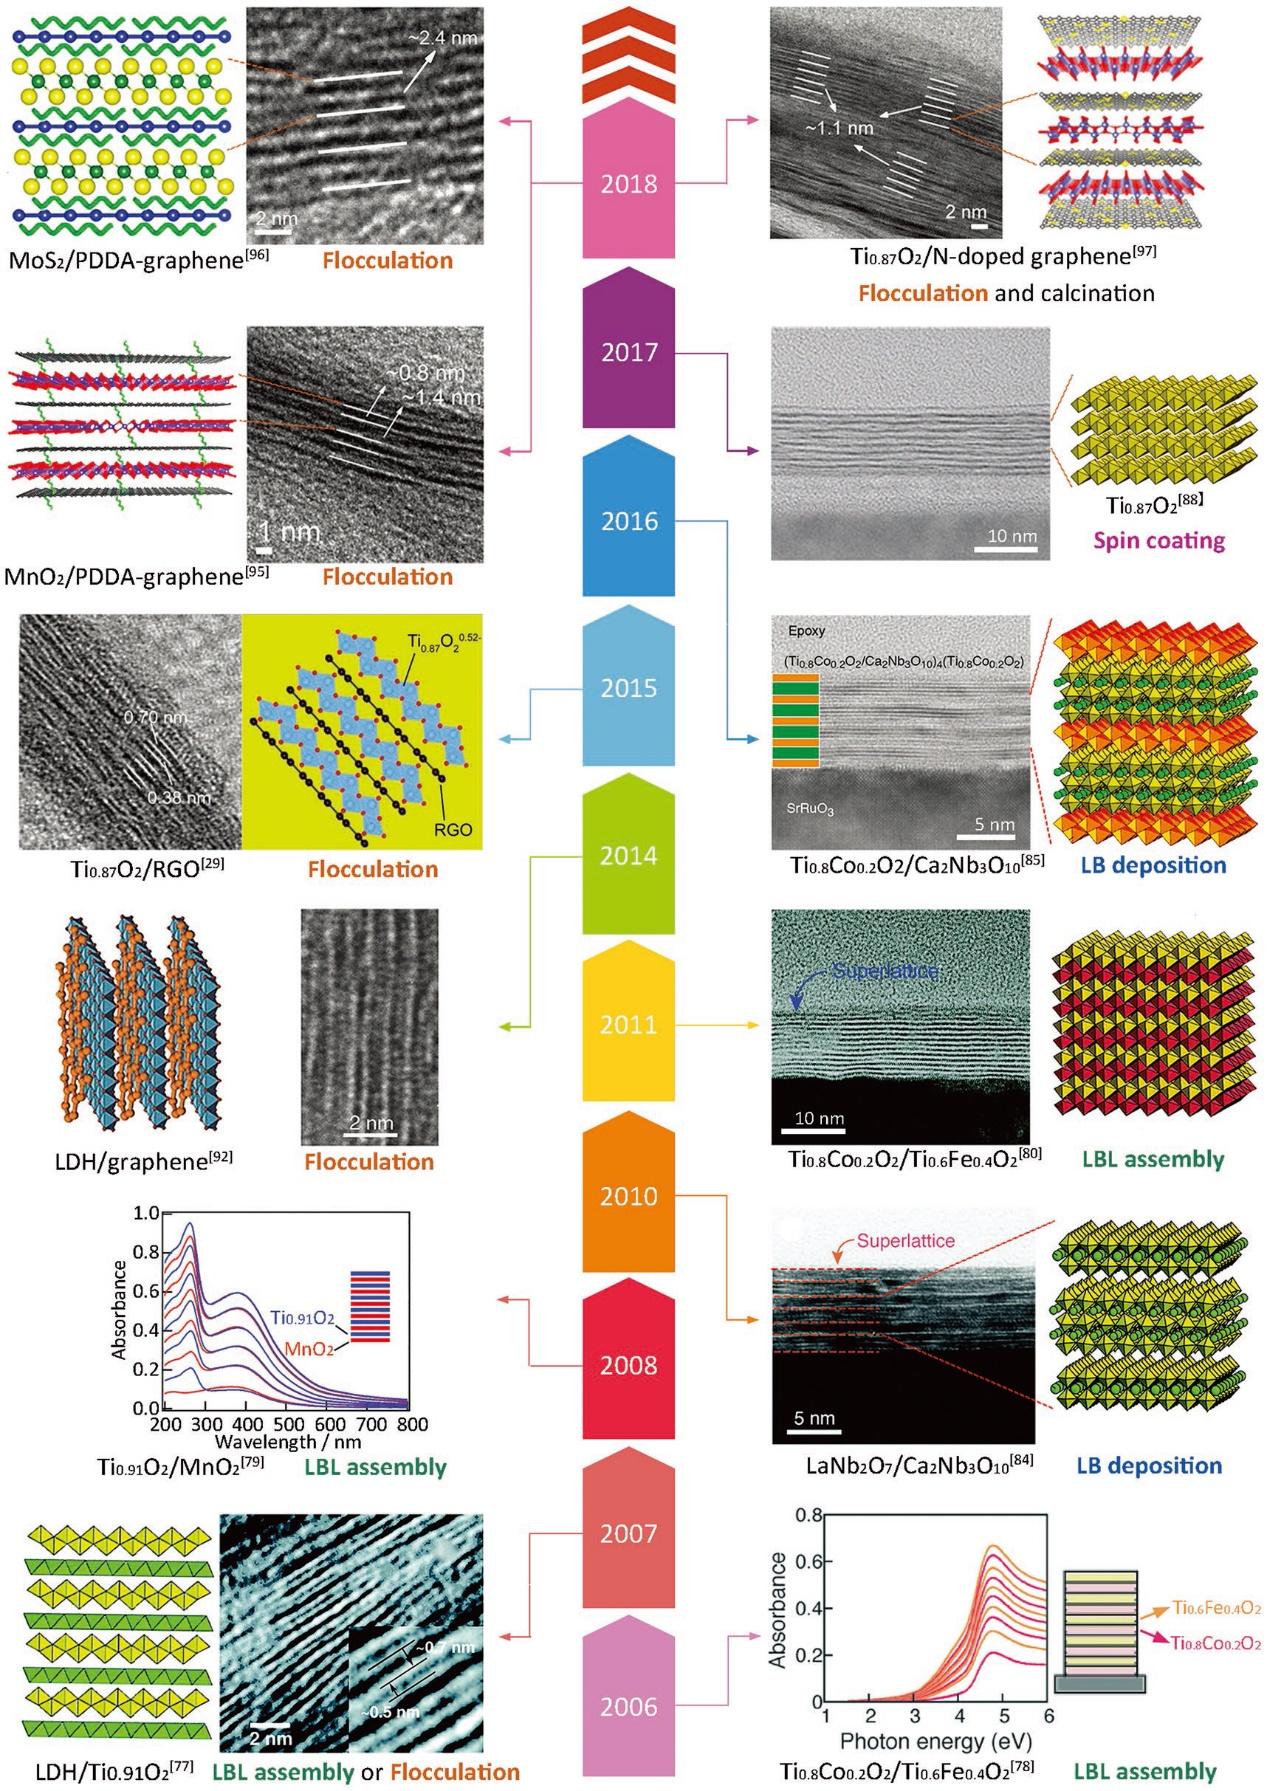 二维超晶格材料用于高效能源存储和转化